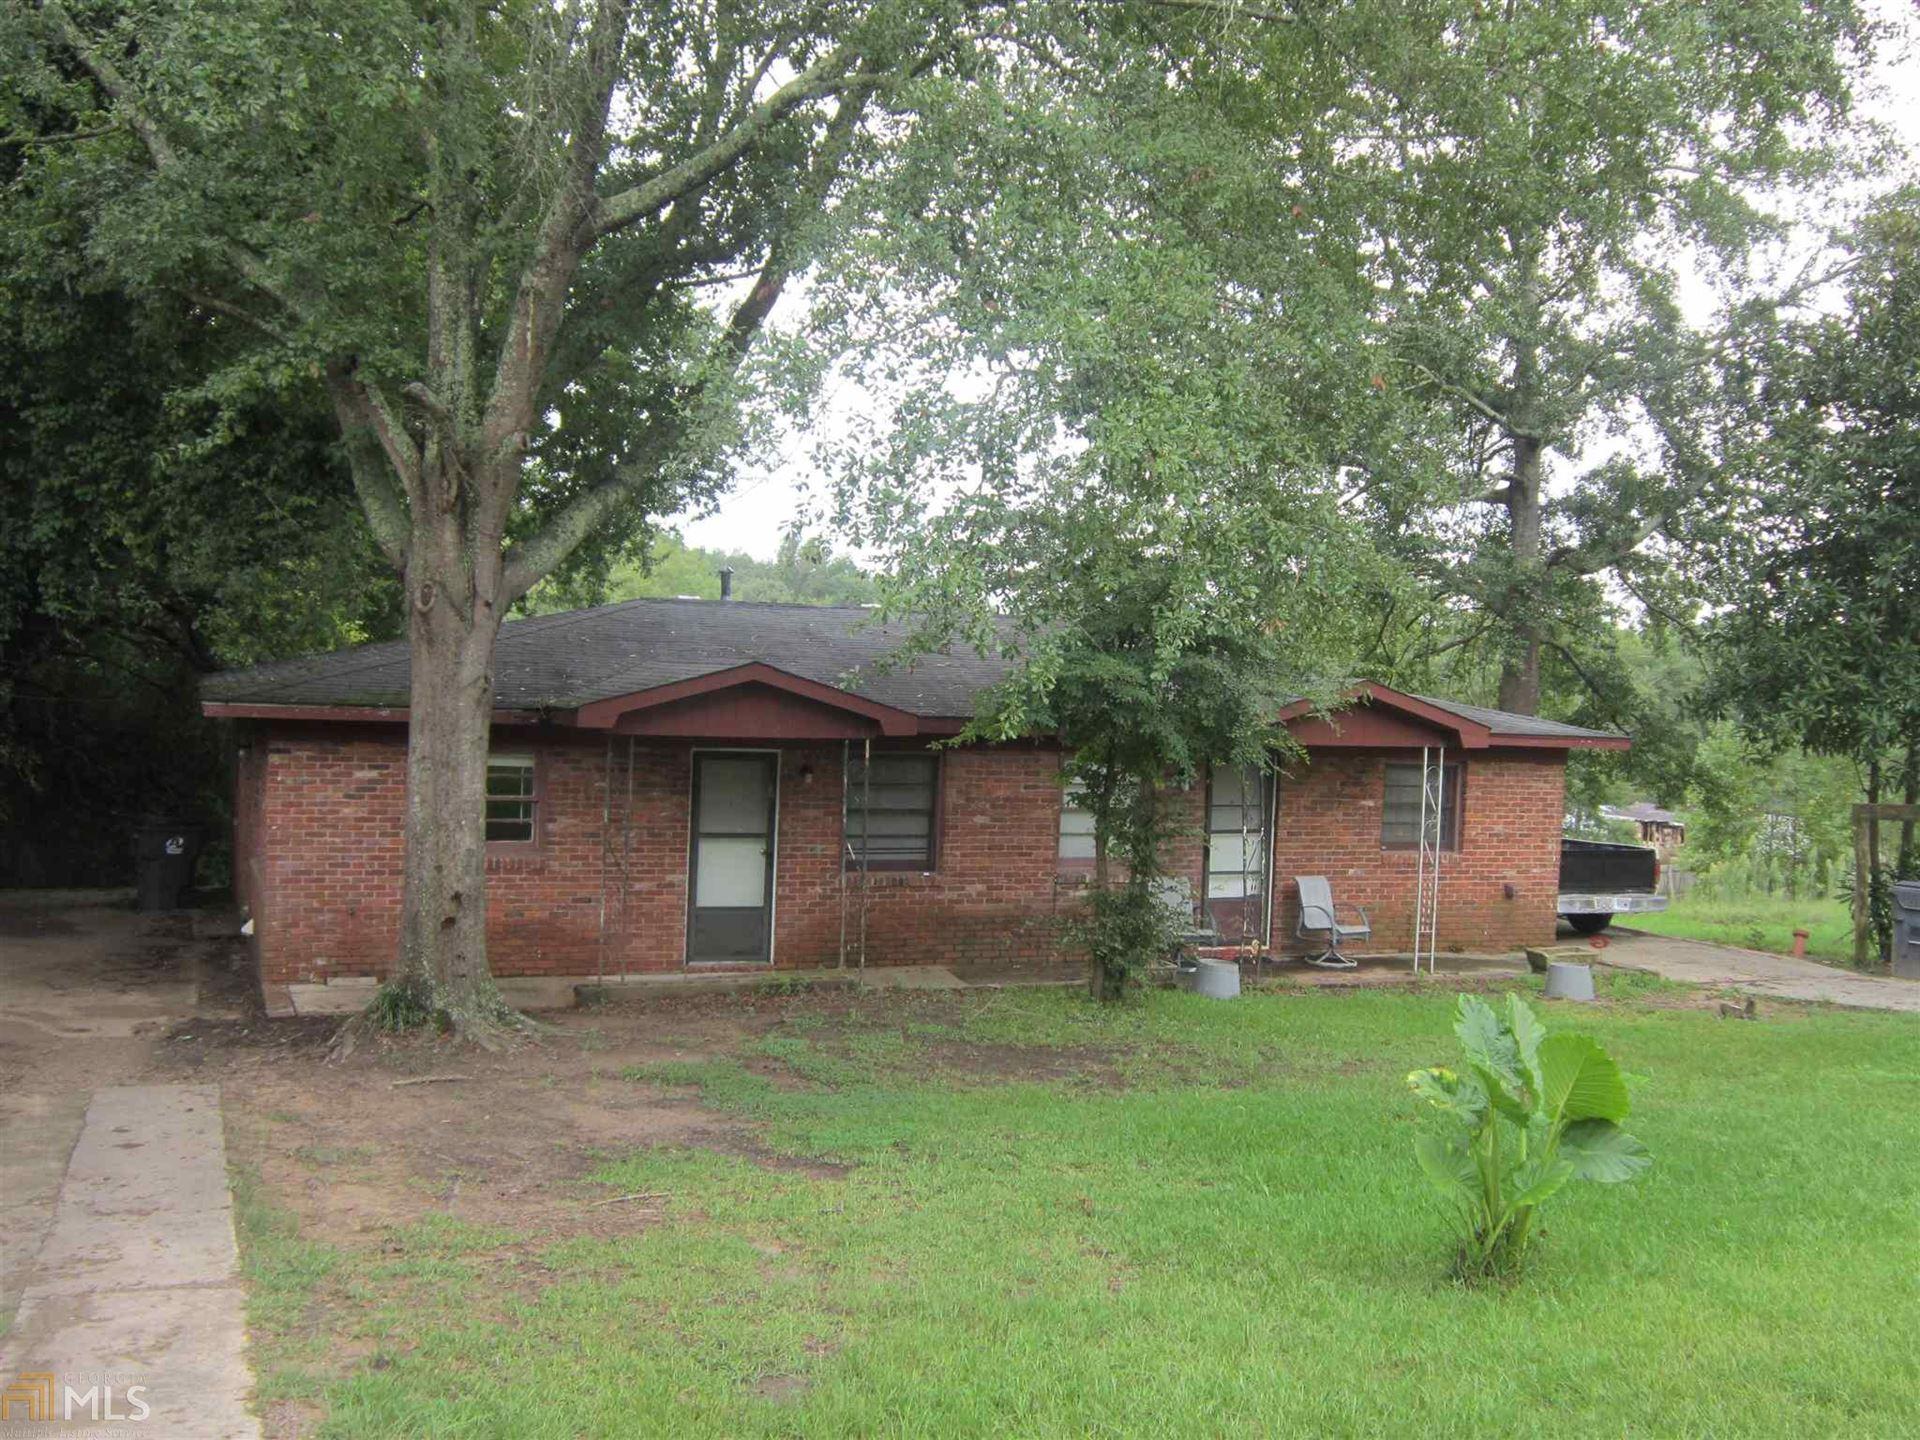 136 Moore St, Milledgeville, GA 31061 - MLS#: 8847465